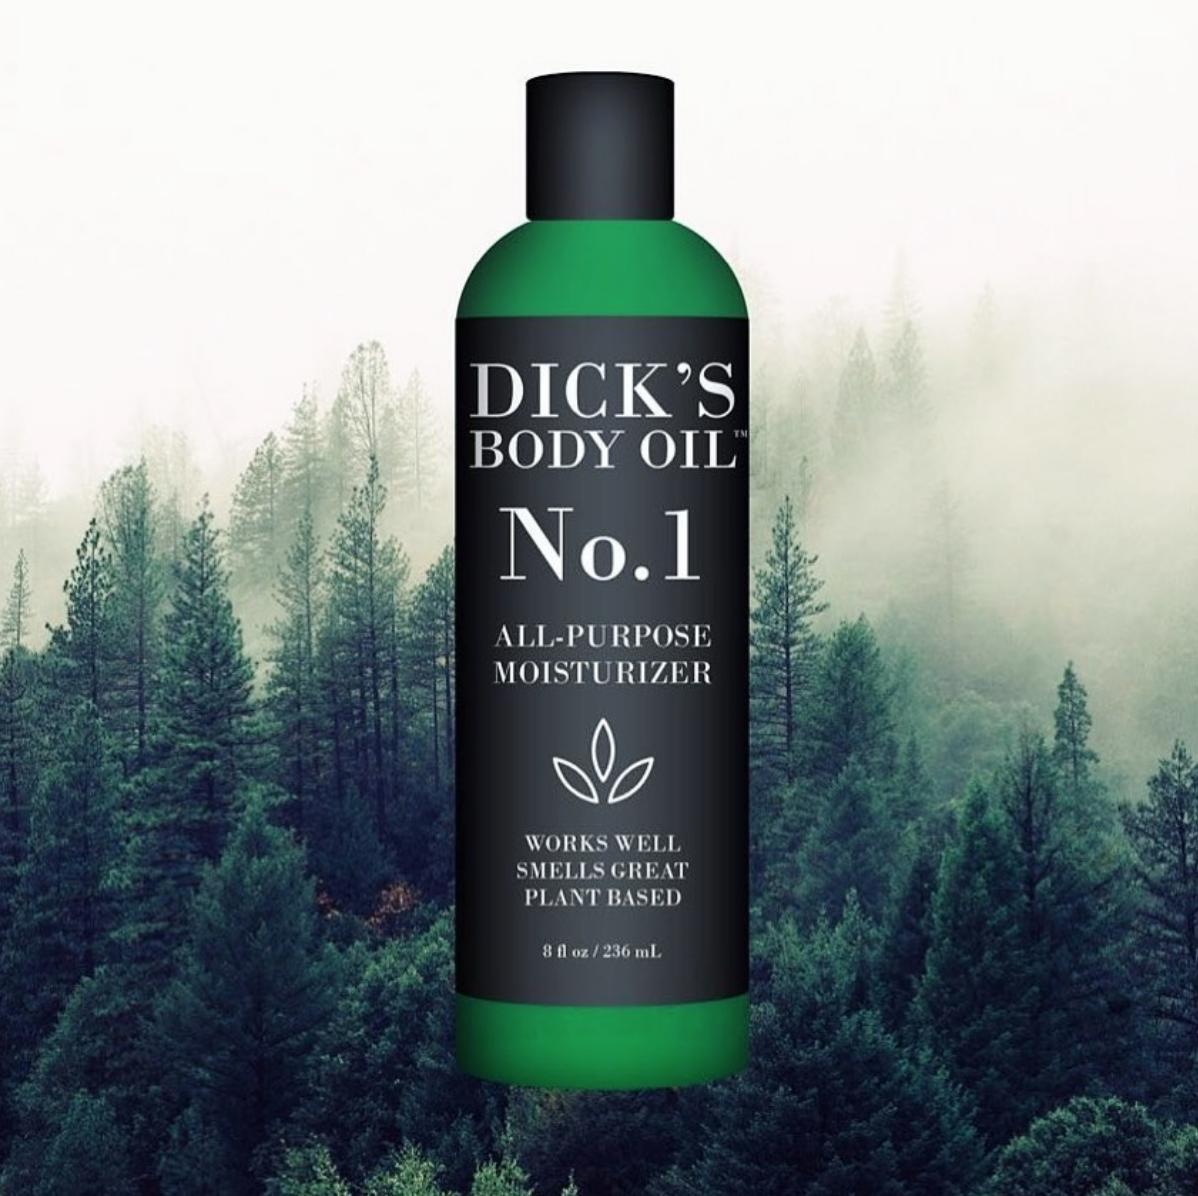 Dick's Body Oil